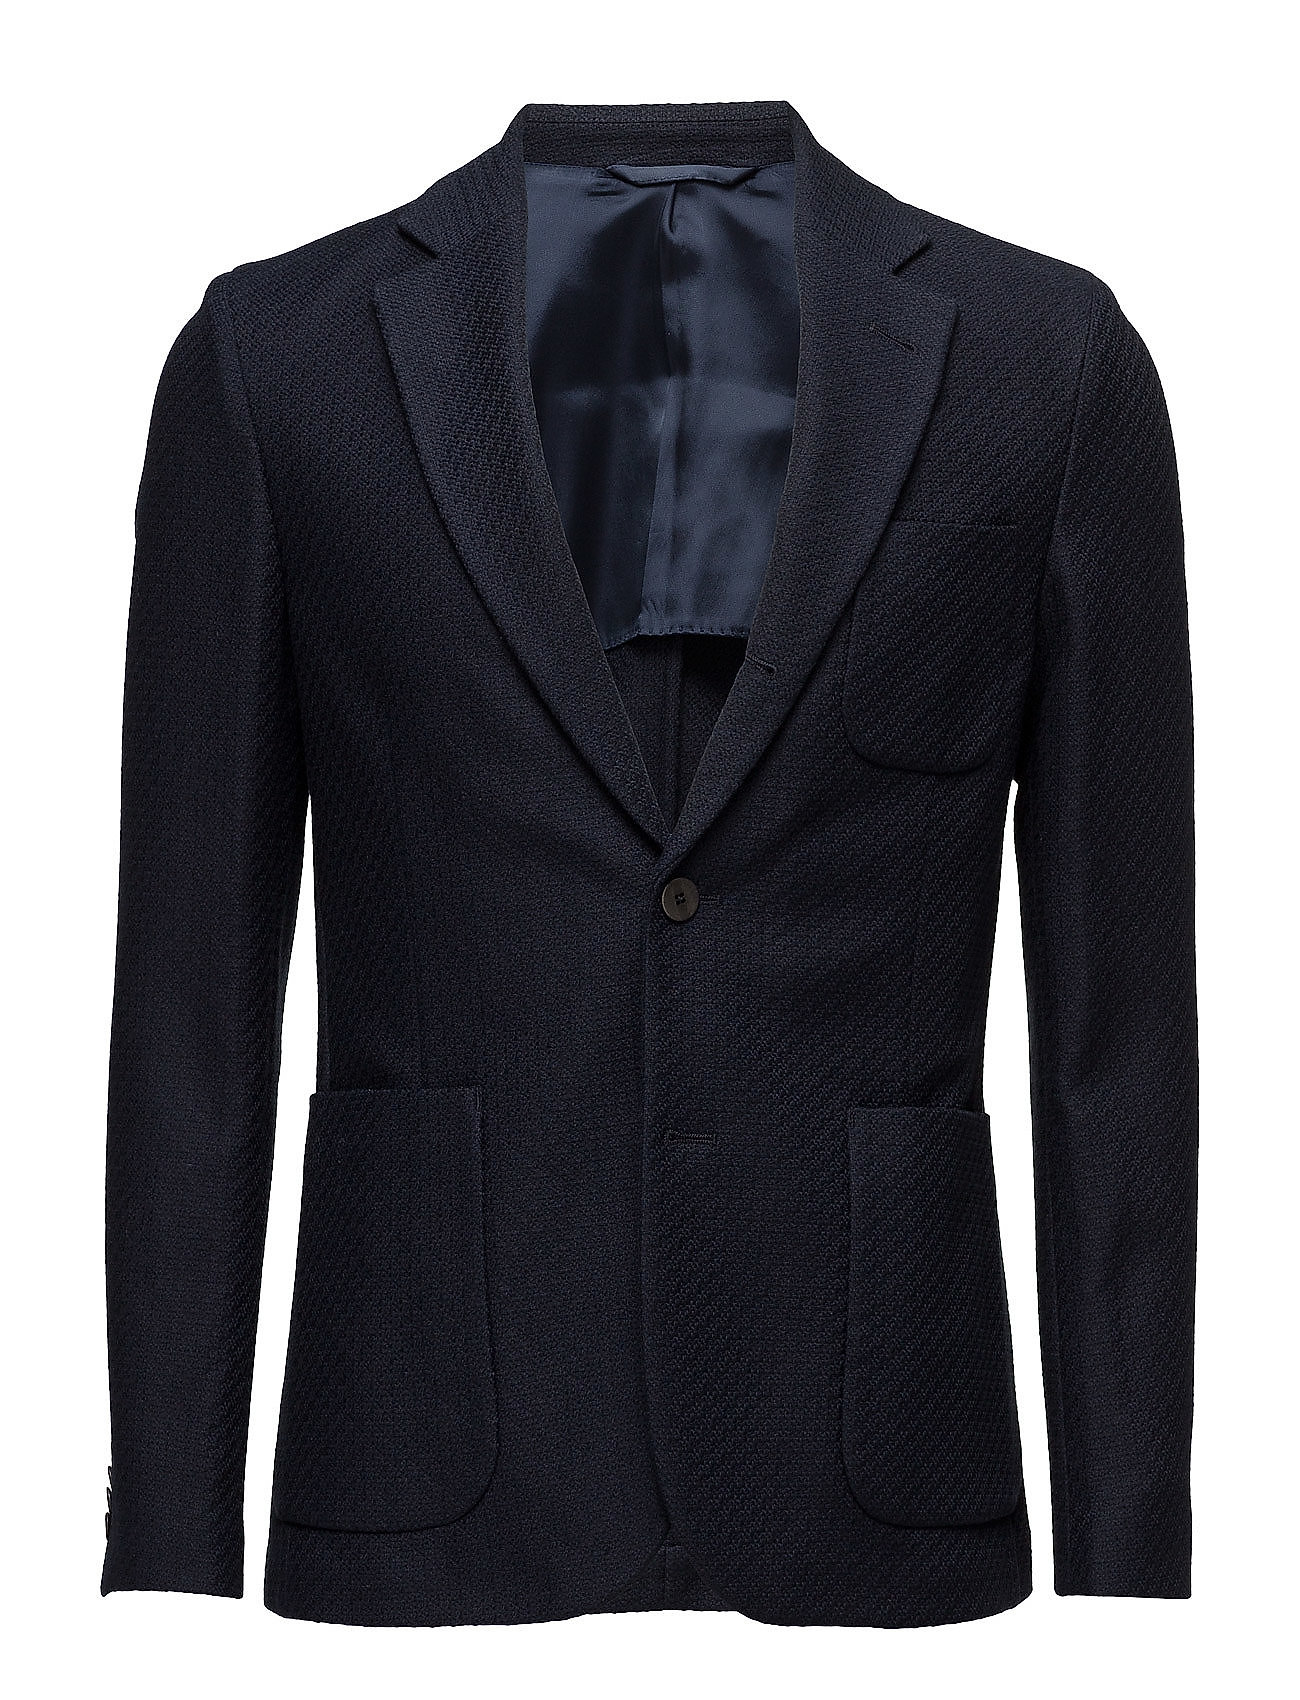 Piemonte Unc Knit Weave J. Lindeberg Blazere til Herrer i Midnight blå